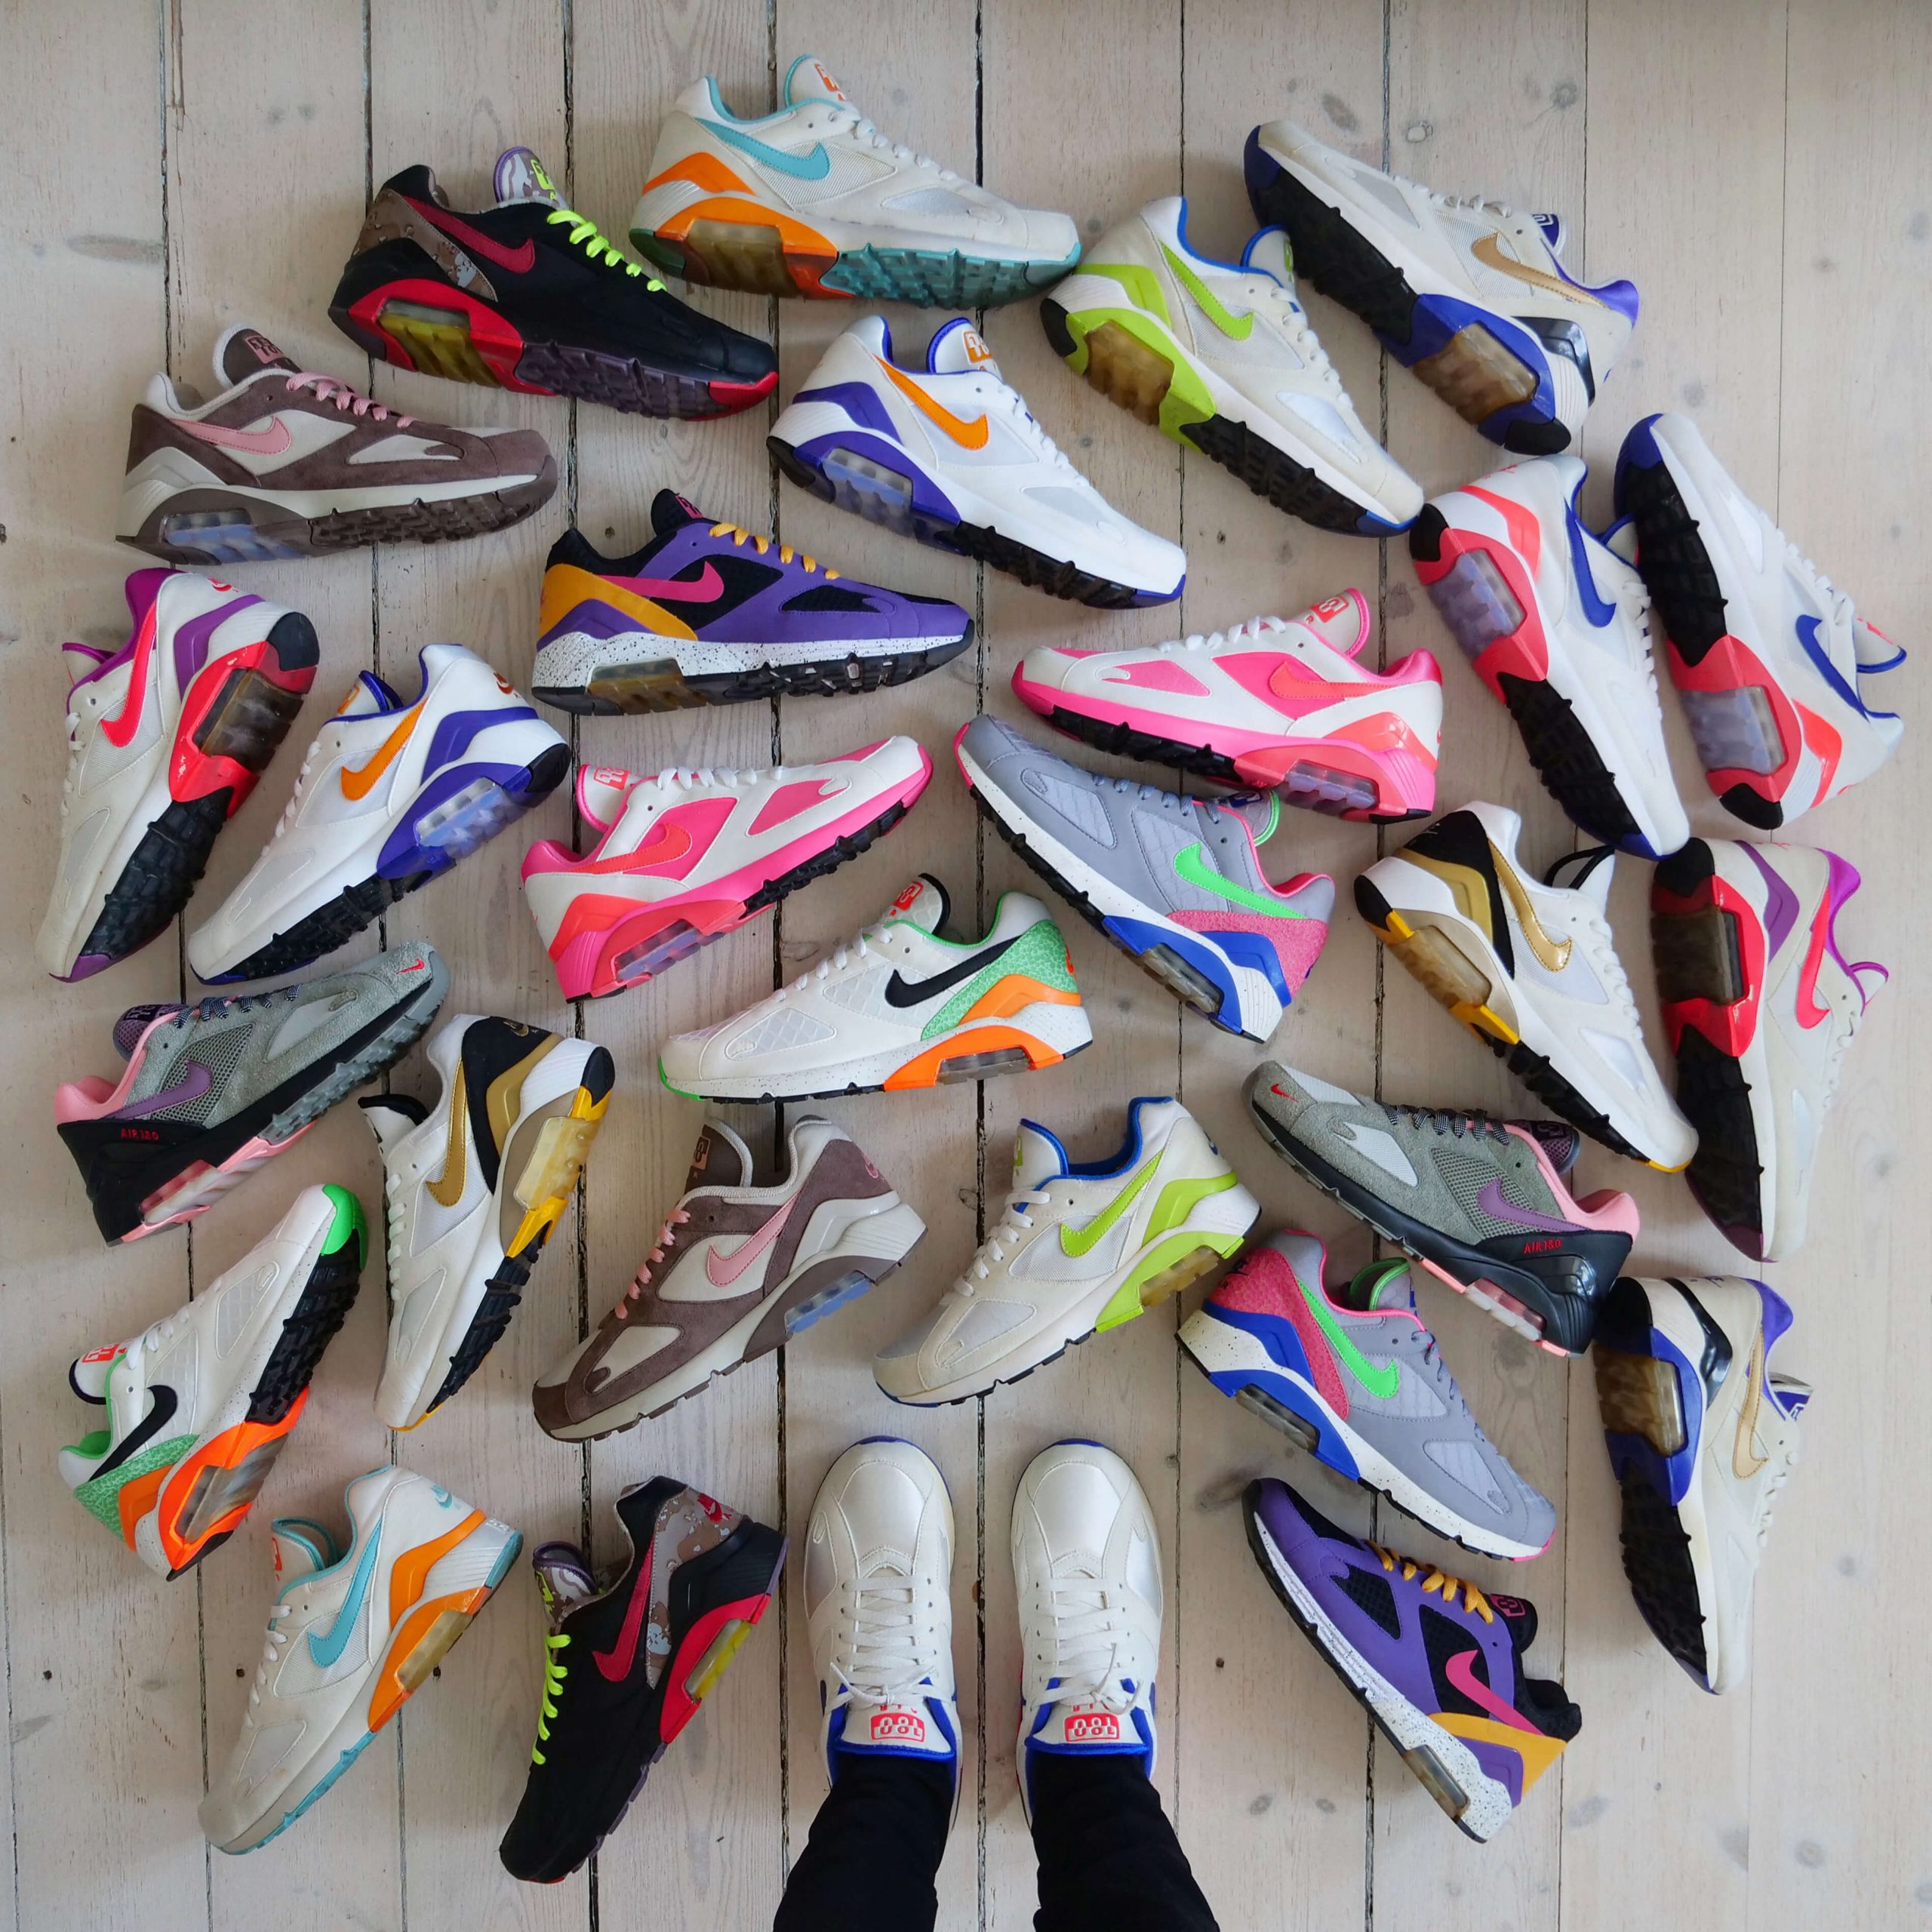 Busterhede - NIke Air Max 180 - sneakerfreak Sneakerplaats interview